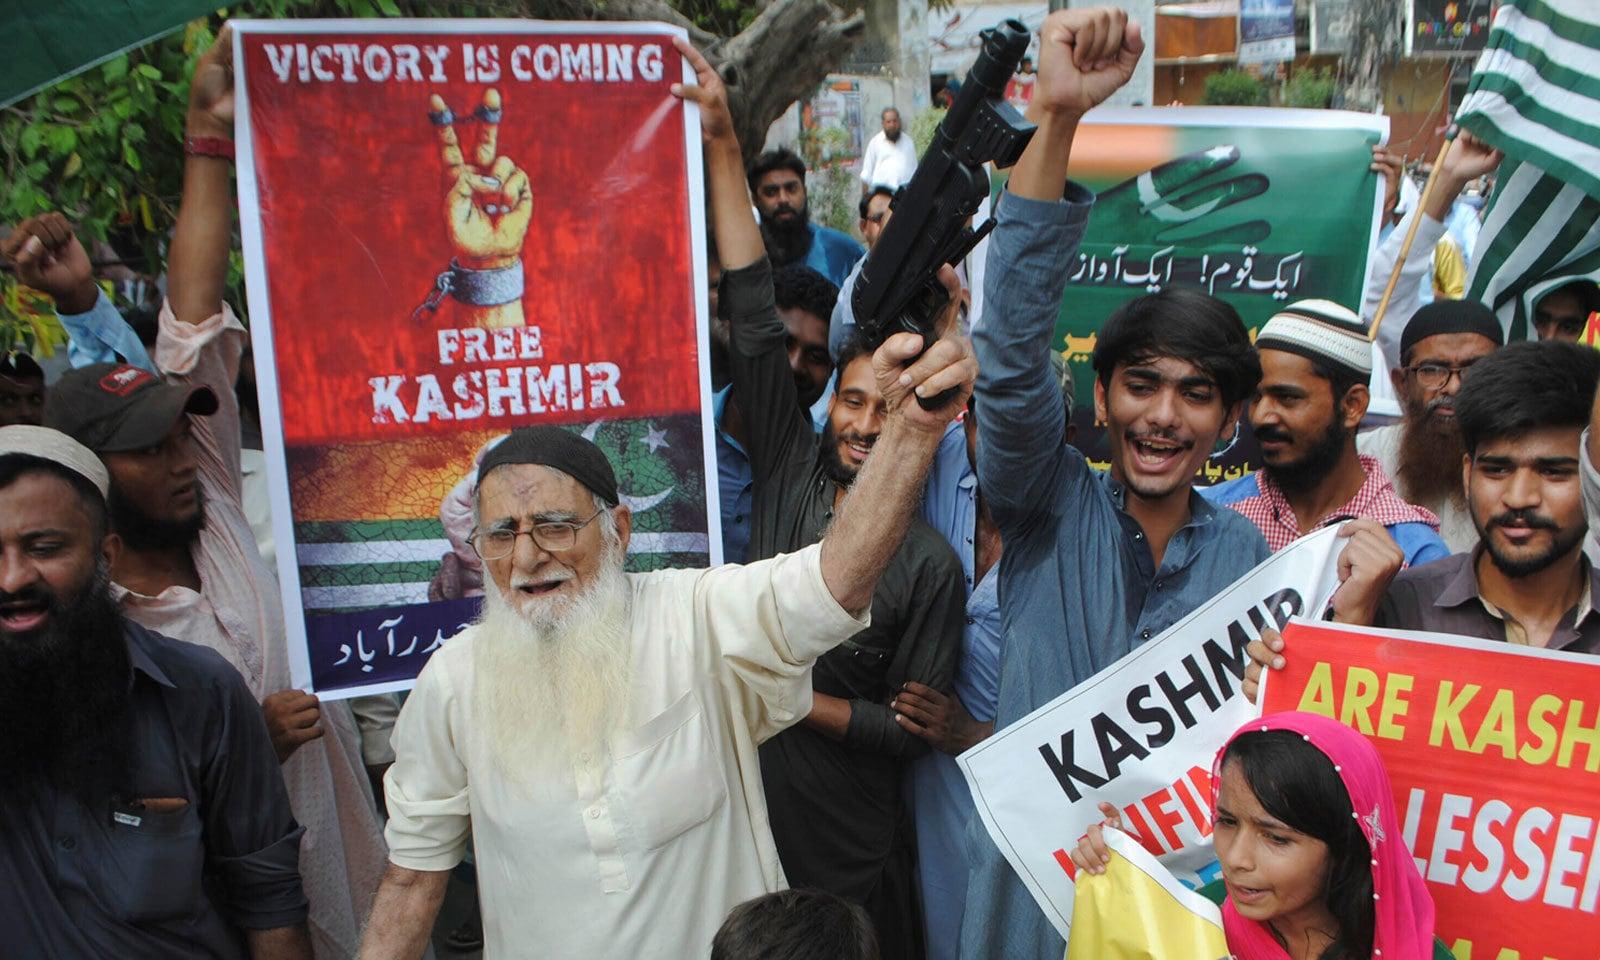 حیدرآباد میں بھی کشمیریوں سے اظہار یکجہتی کے لیے ریلی نکالی گئی — فوٹو: اے پی